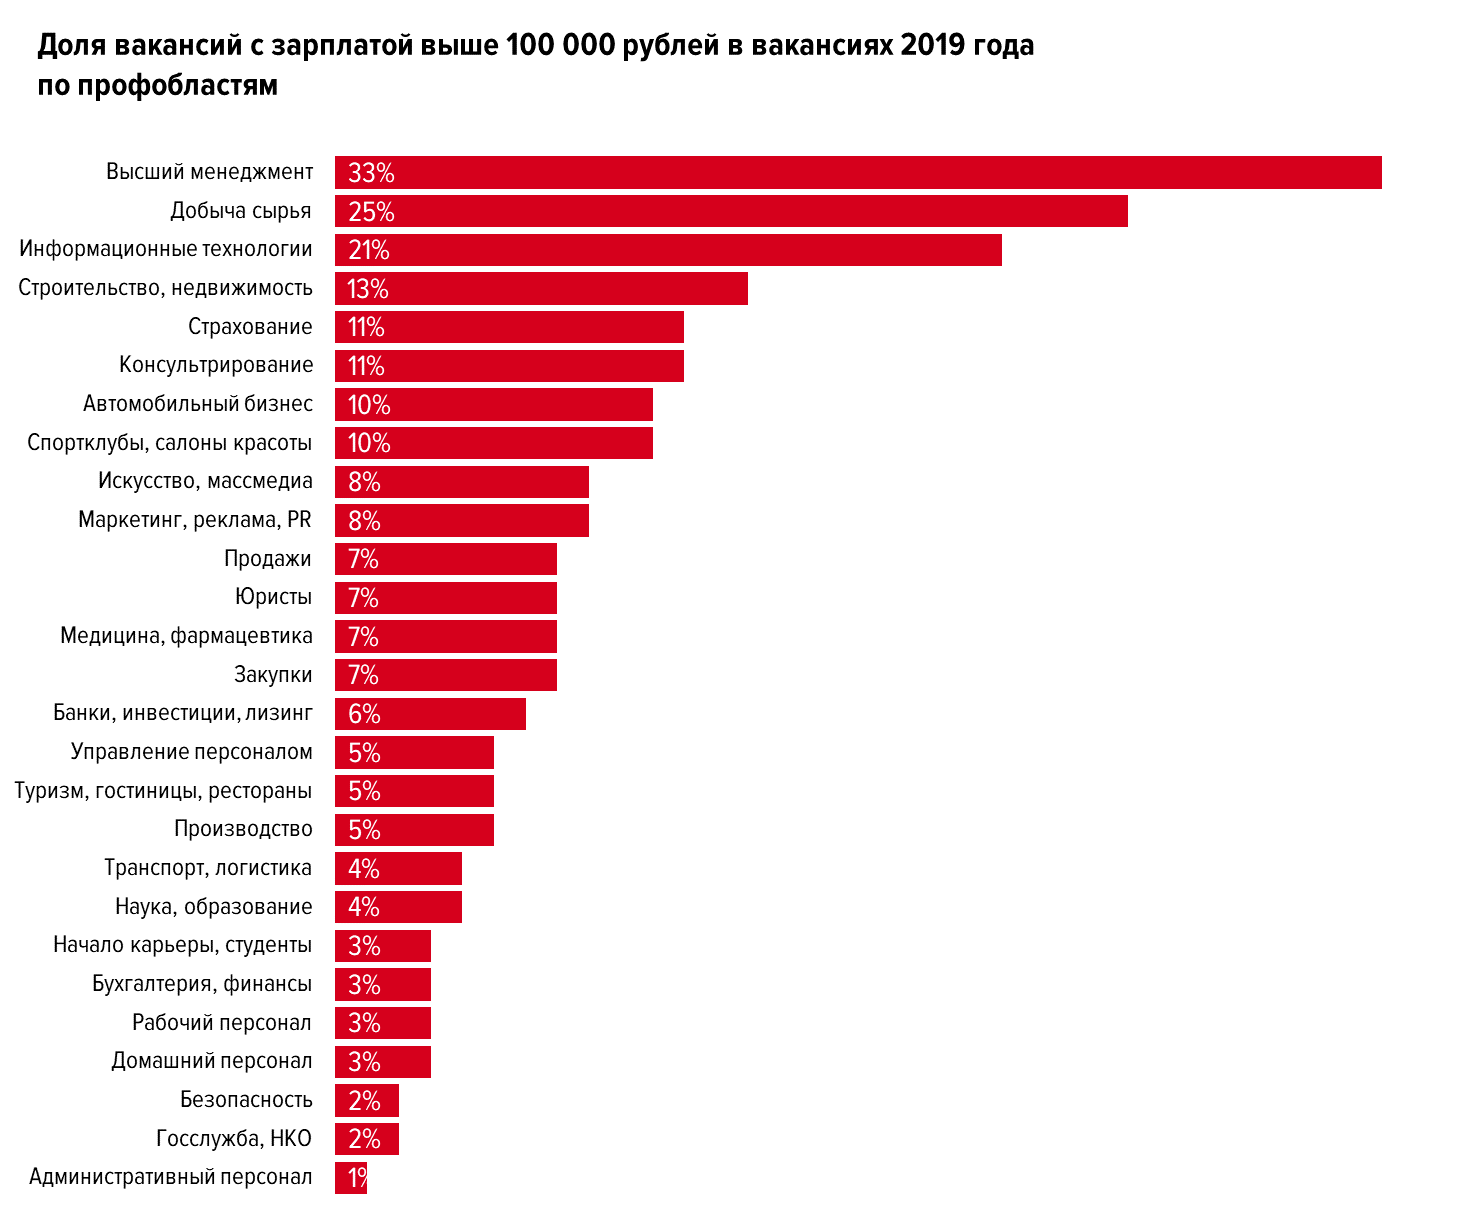 Самые популярные и самые редкие вакансии на hh.ru за 2019 год